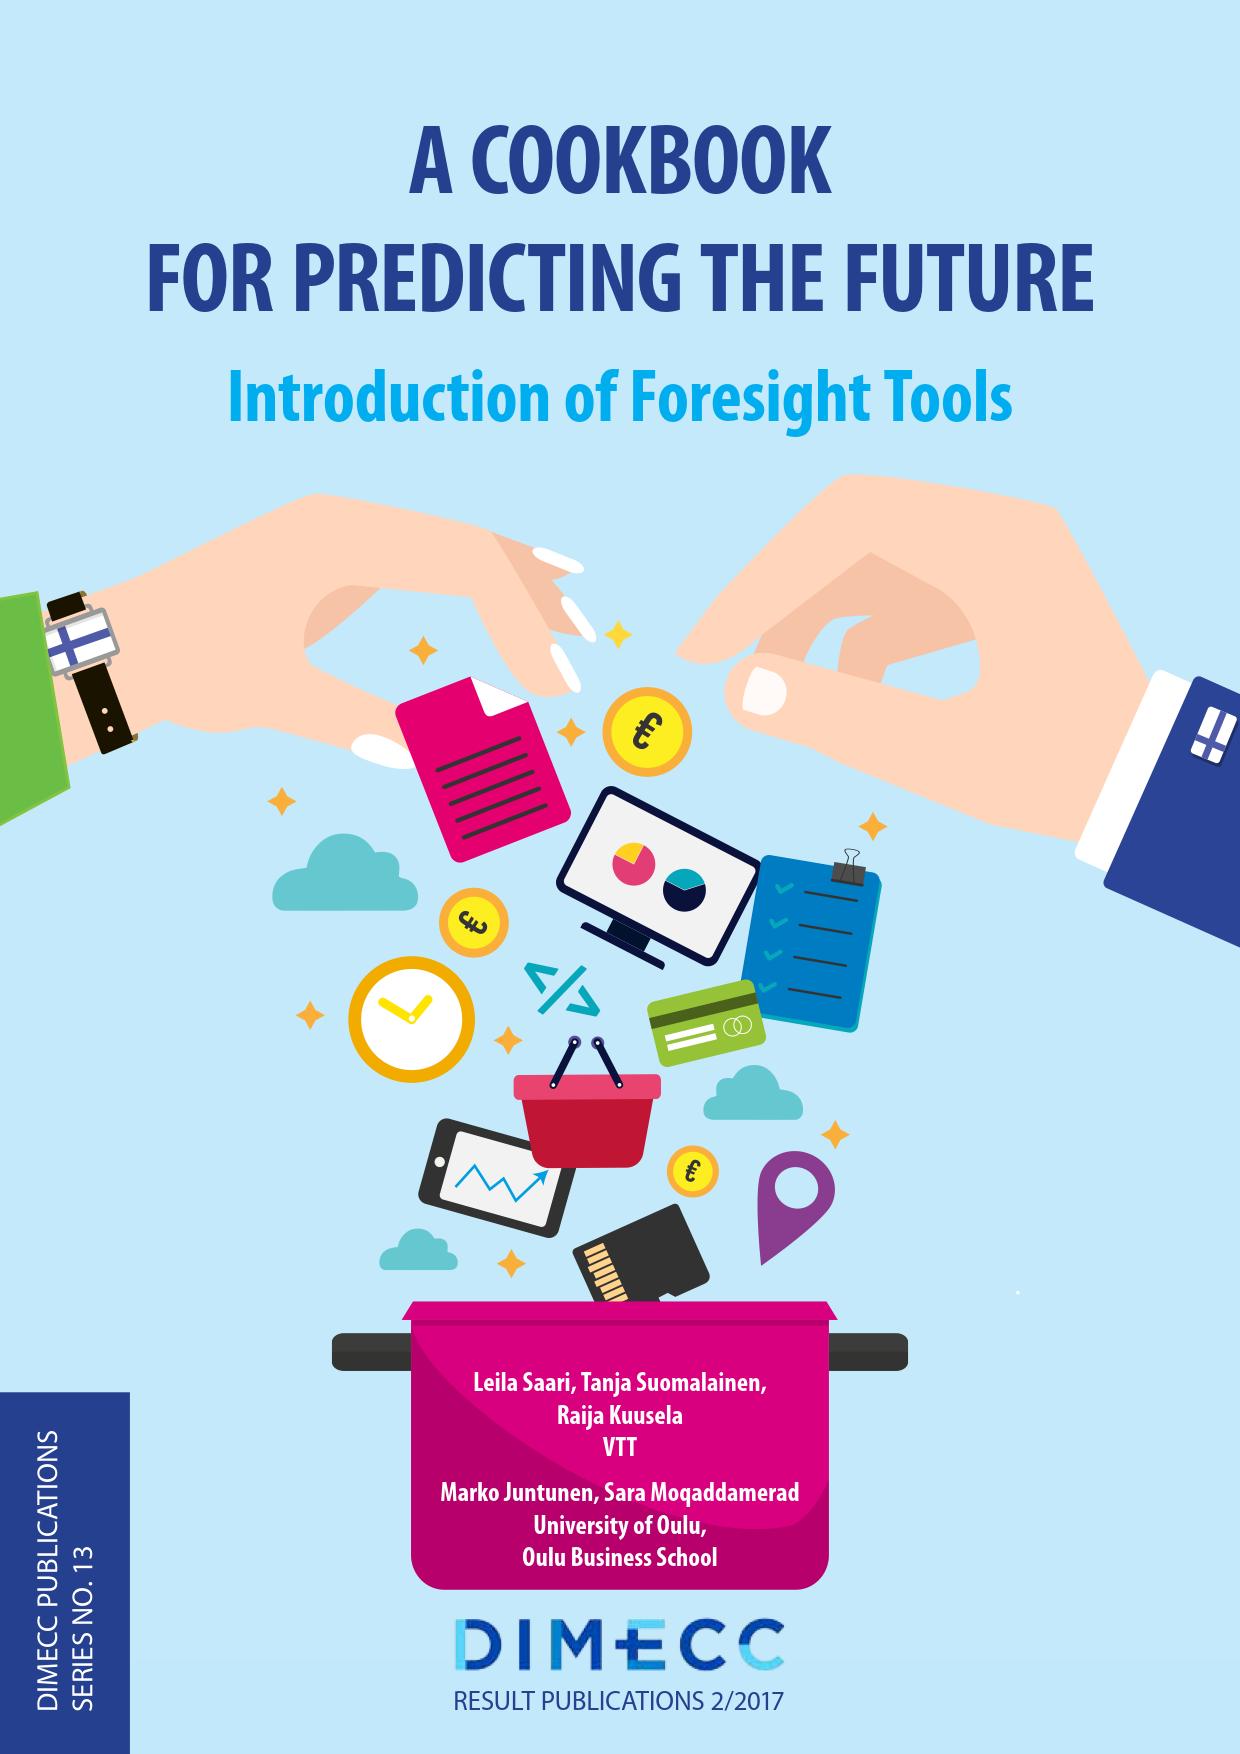 For Predicting The Future A Cookbook